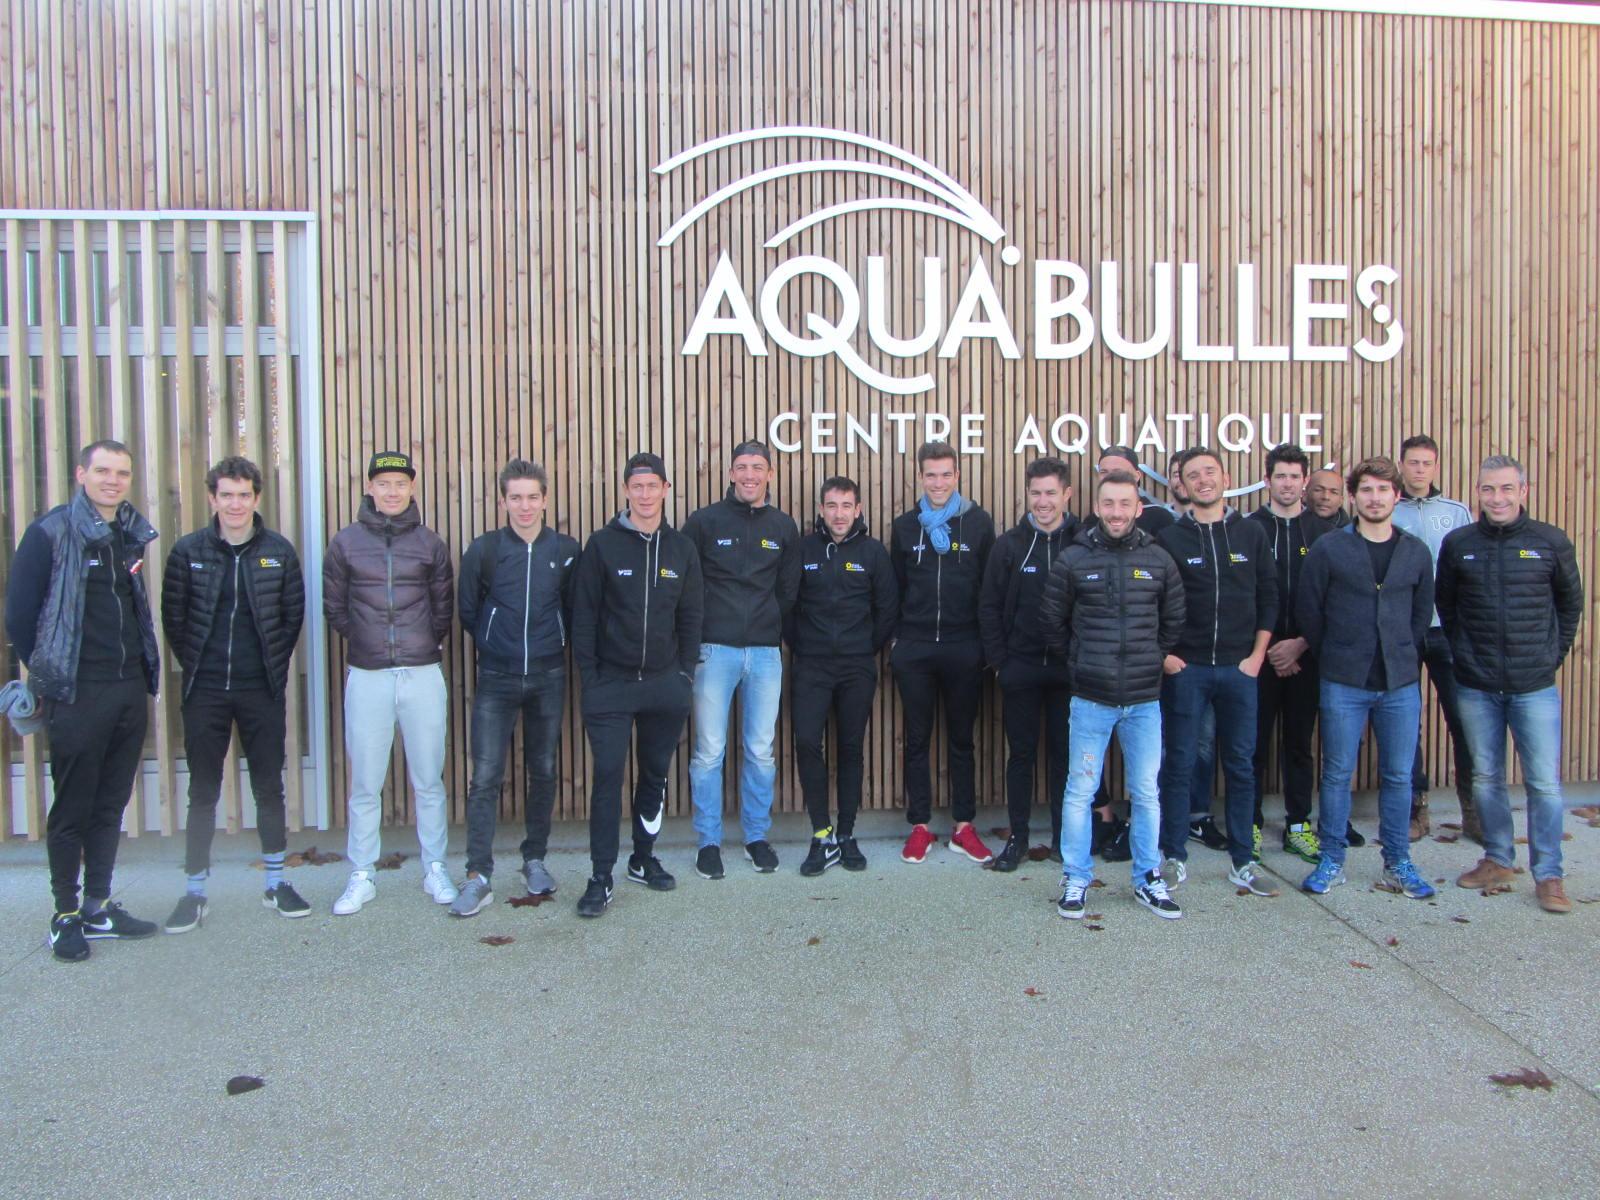 Team direct energie - Piscine Aqua°bulles